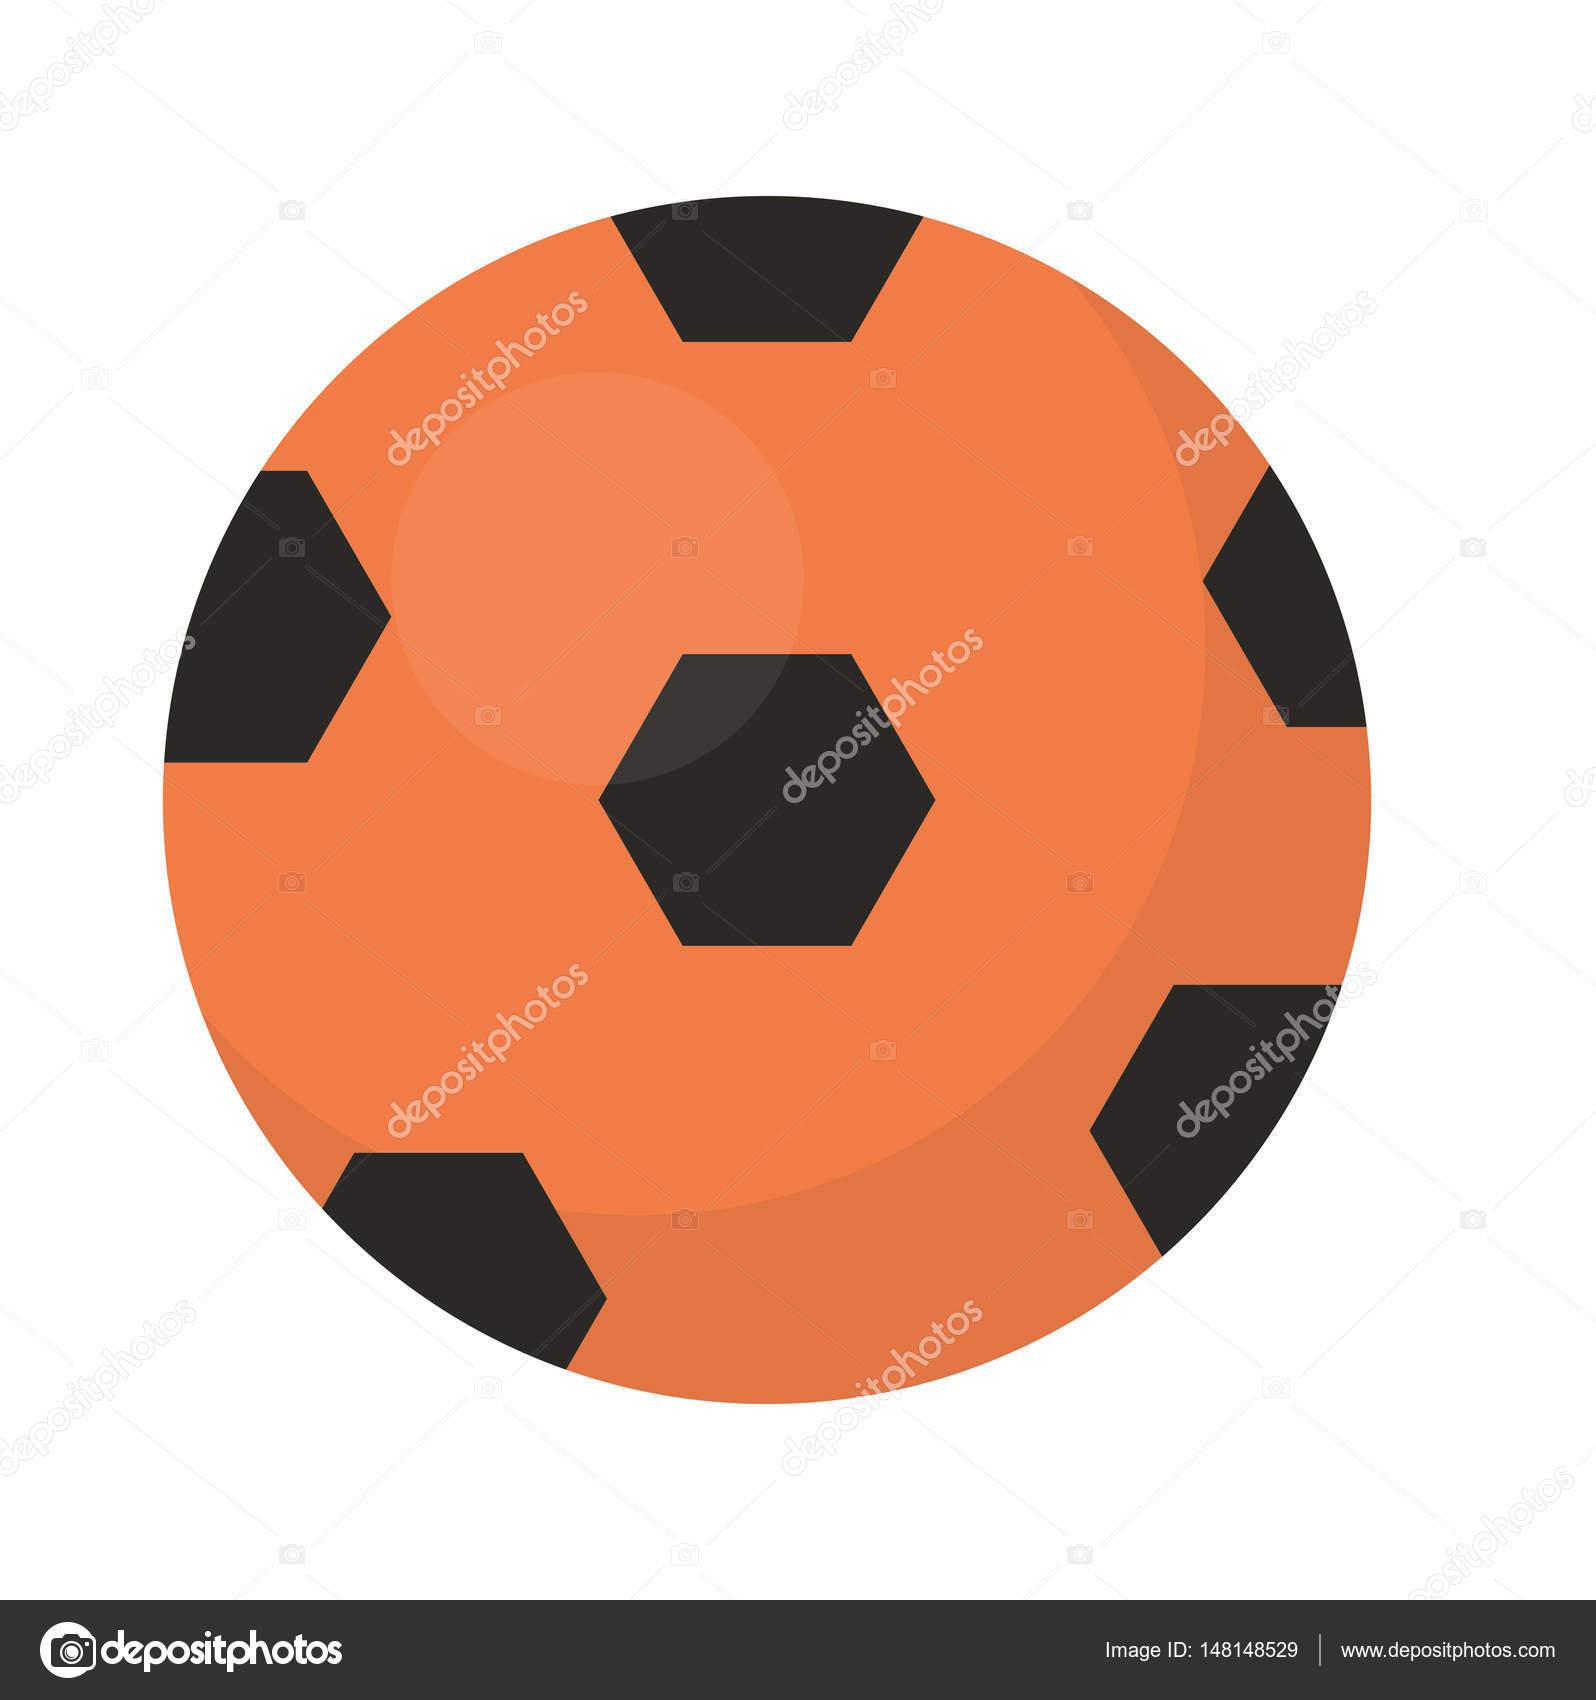 ボール サッカー アイコン、フラット、漫画のスタイル。白い背景上に分離